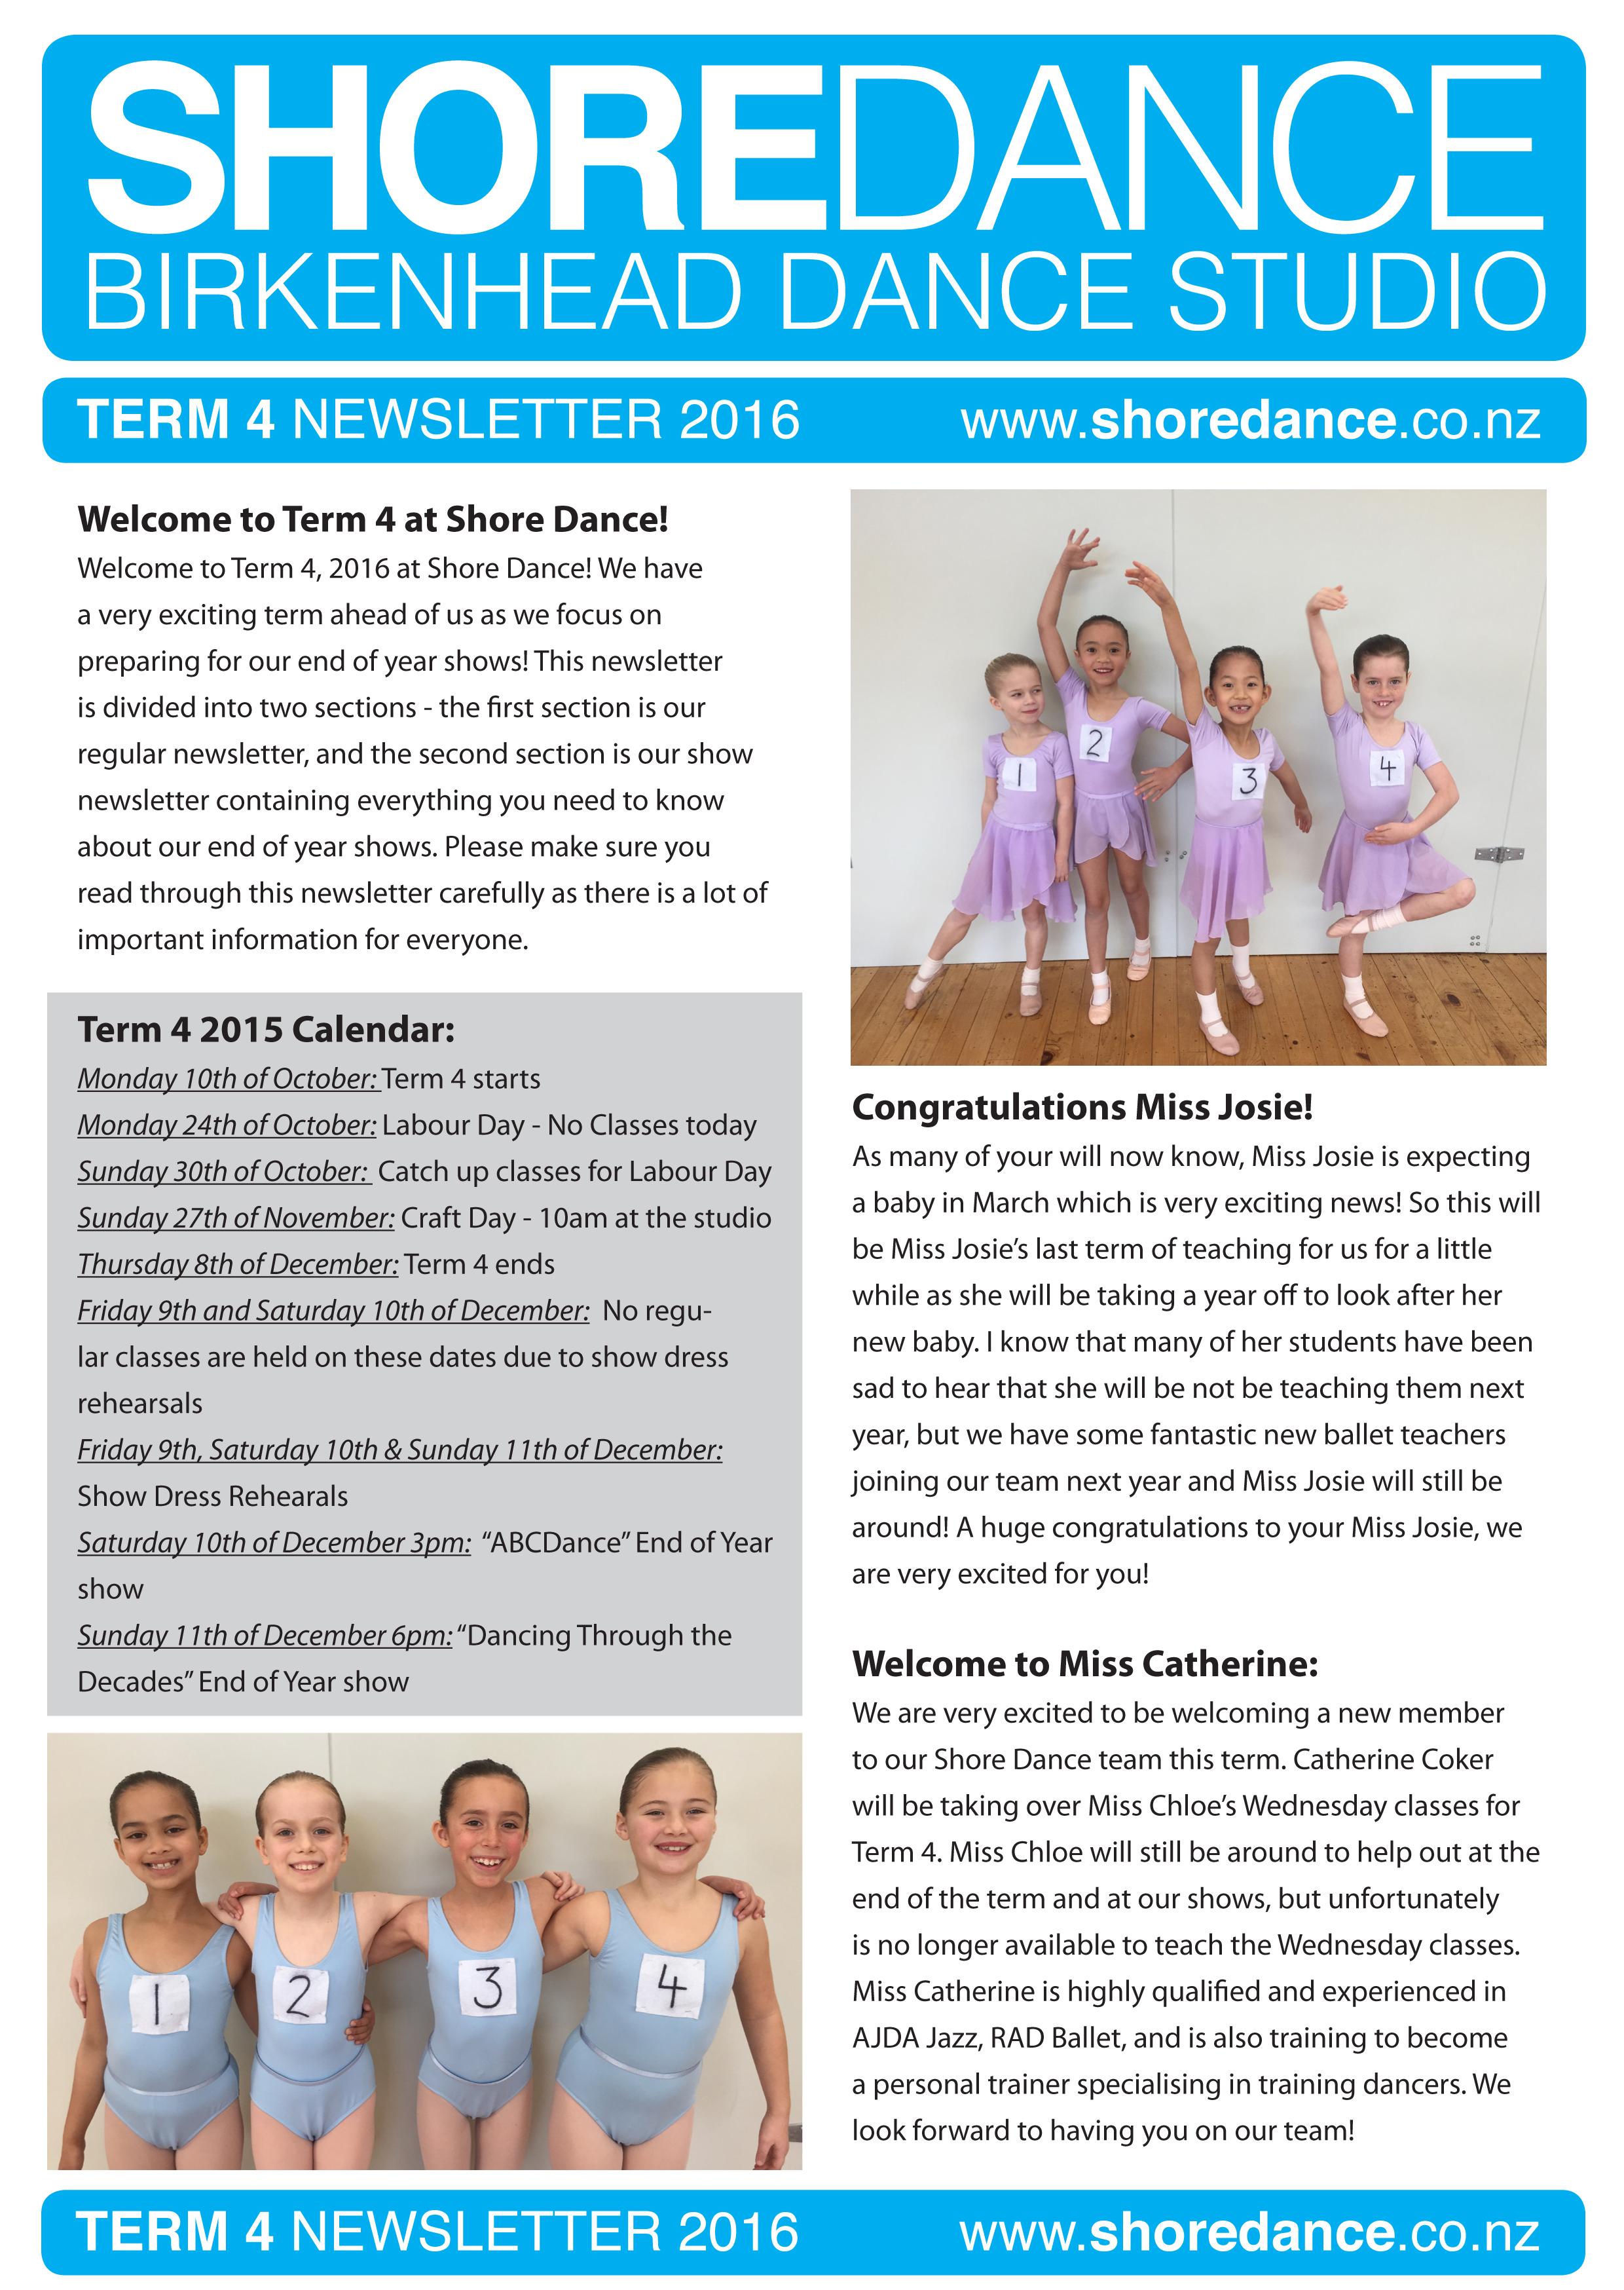 2016-term-4-newsletter-1